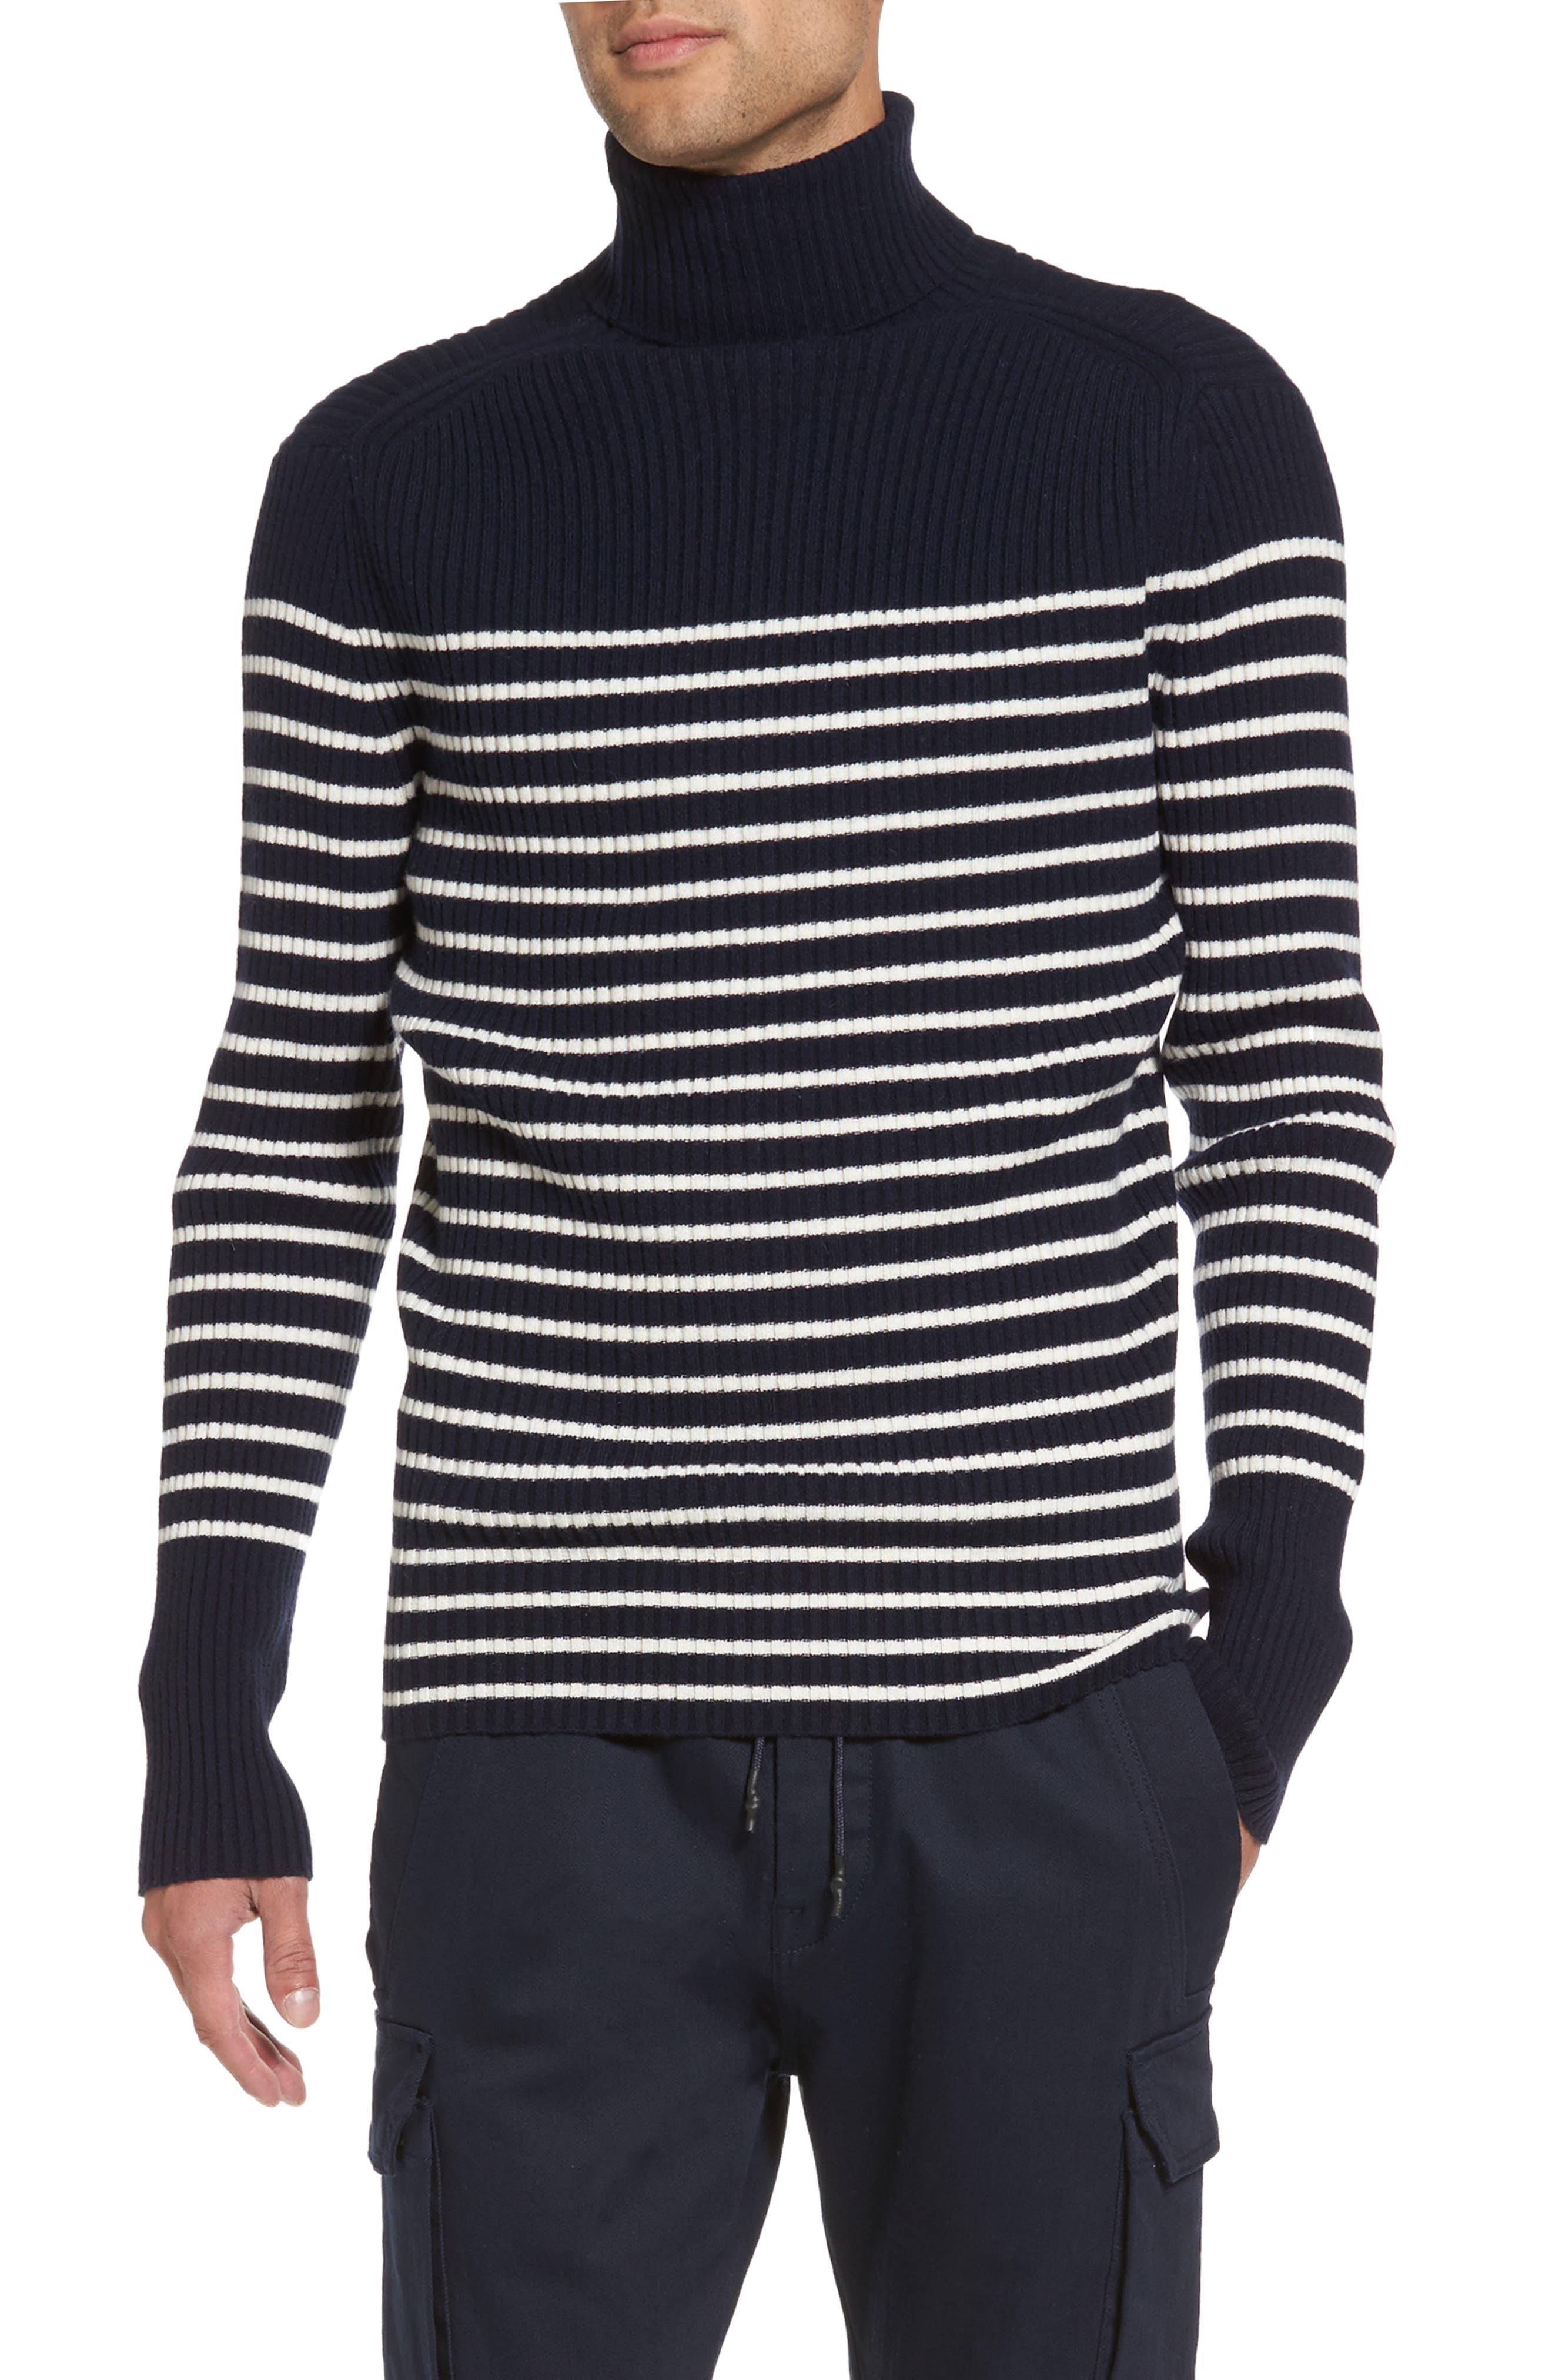 Vince Regular Fit Breton Stripe Cashmere Turtleneck Sweater